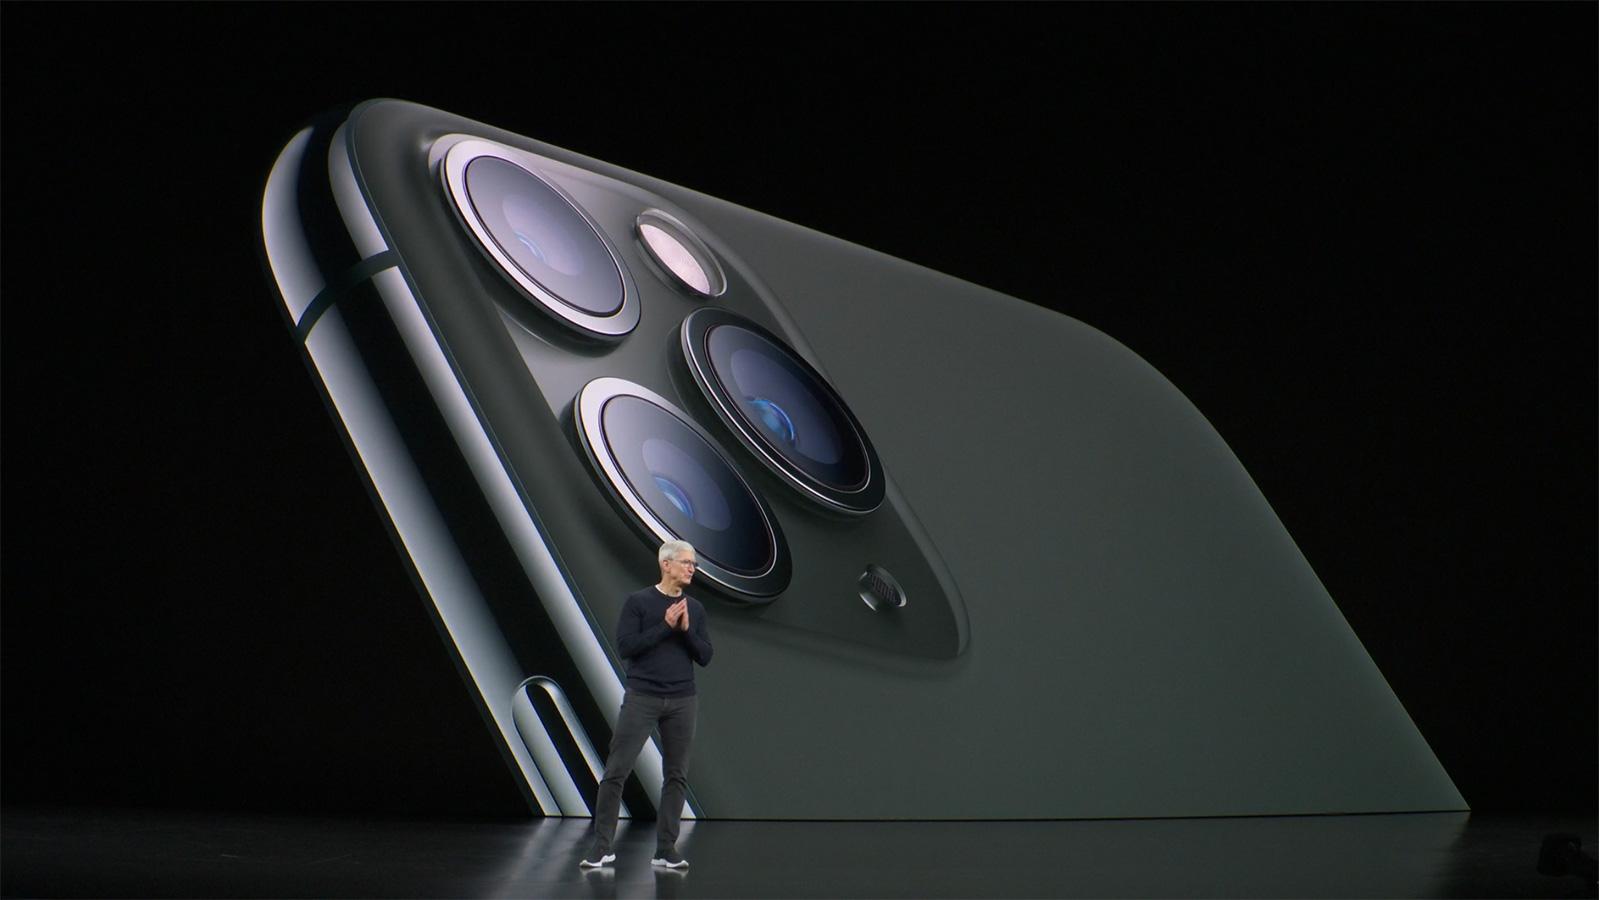 速報 Iphone 11 Proはまさに プロ 並のカメラ機に アップル最新